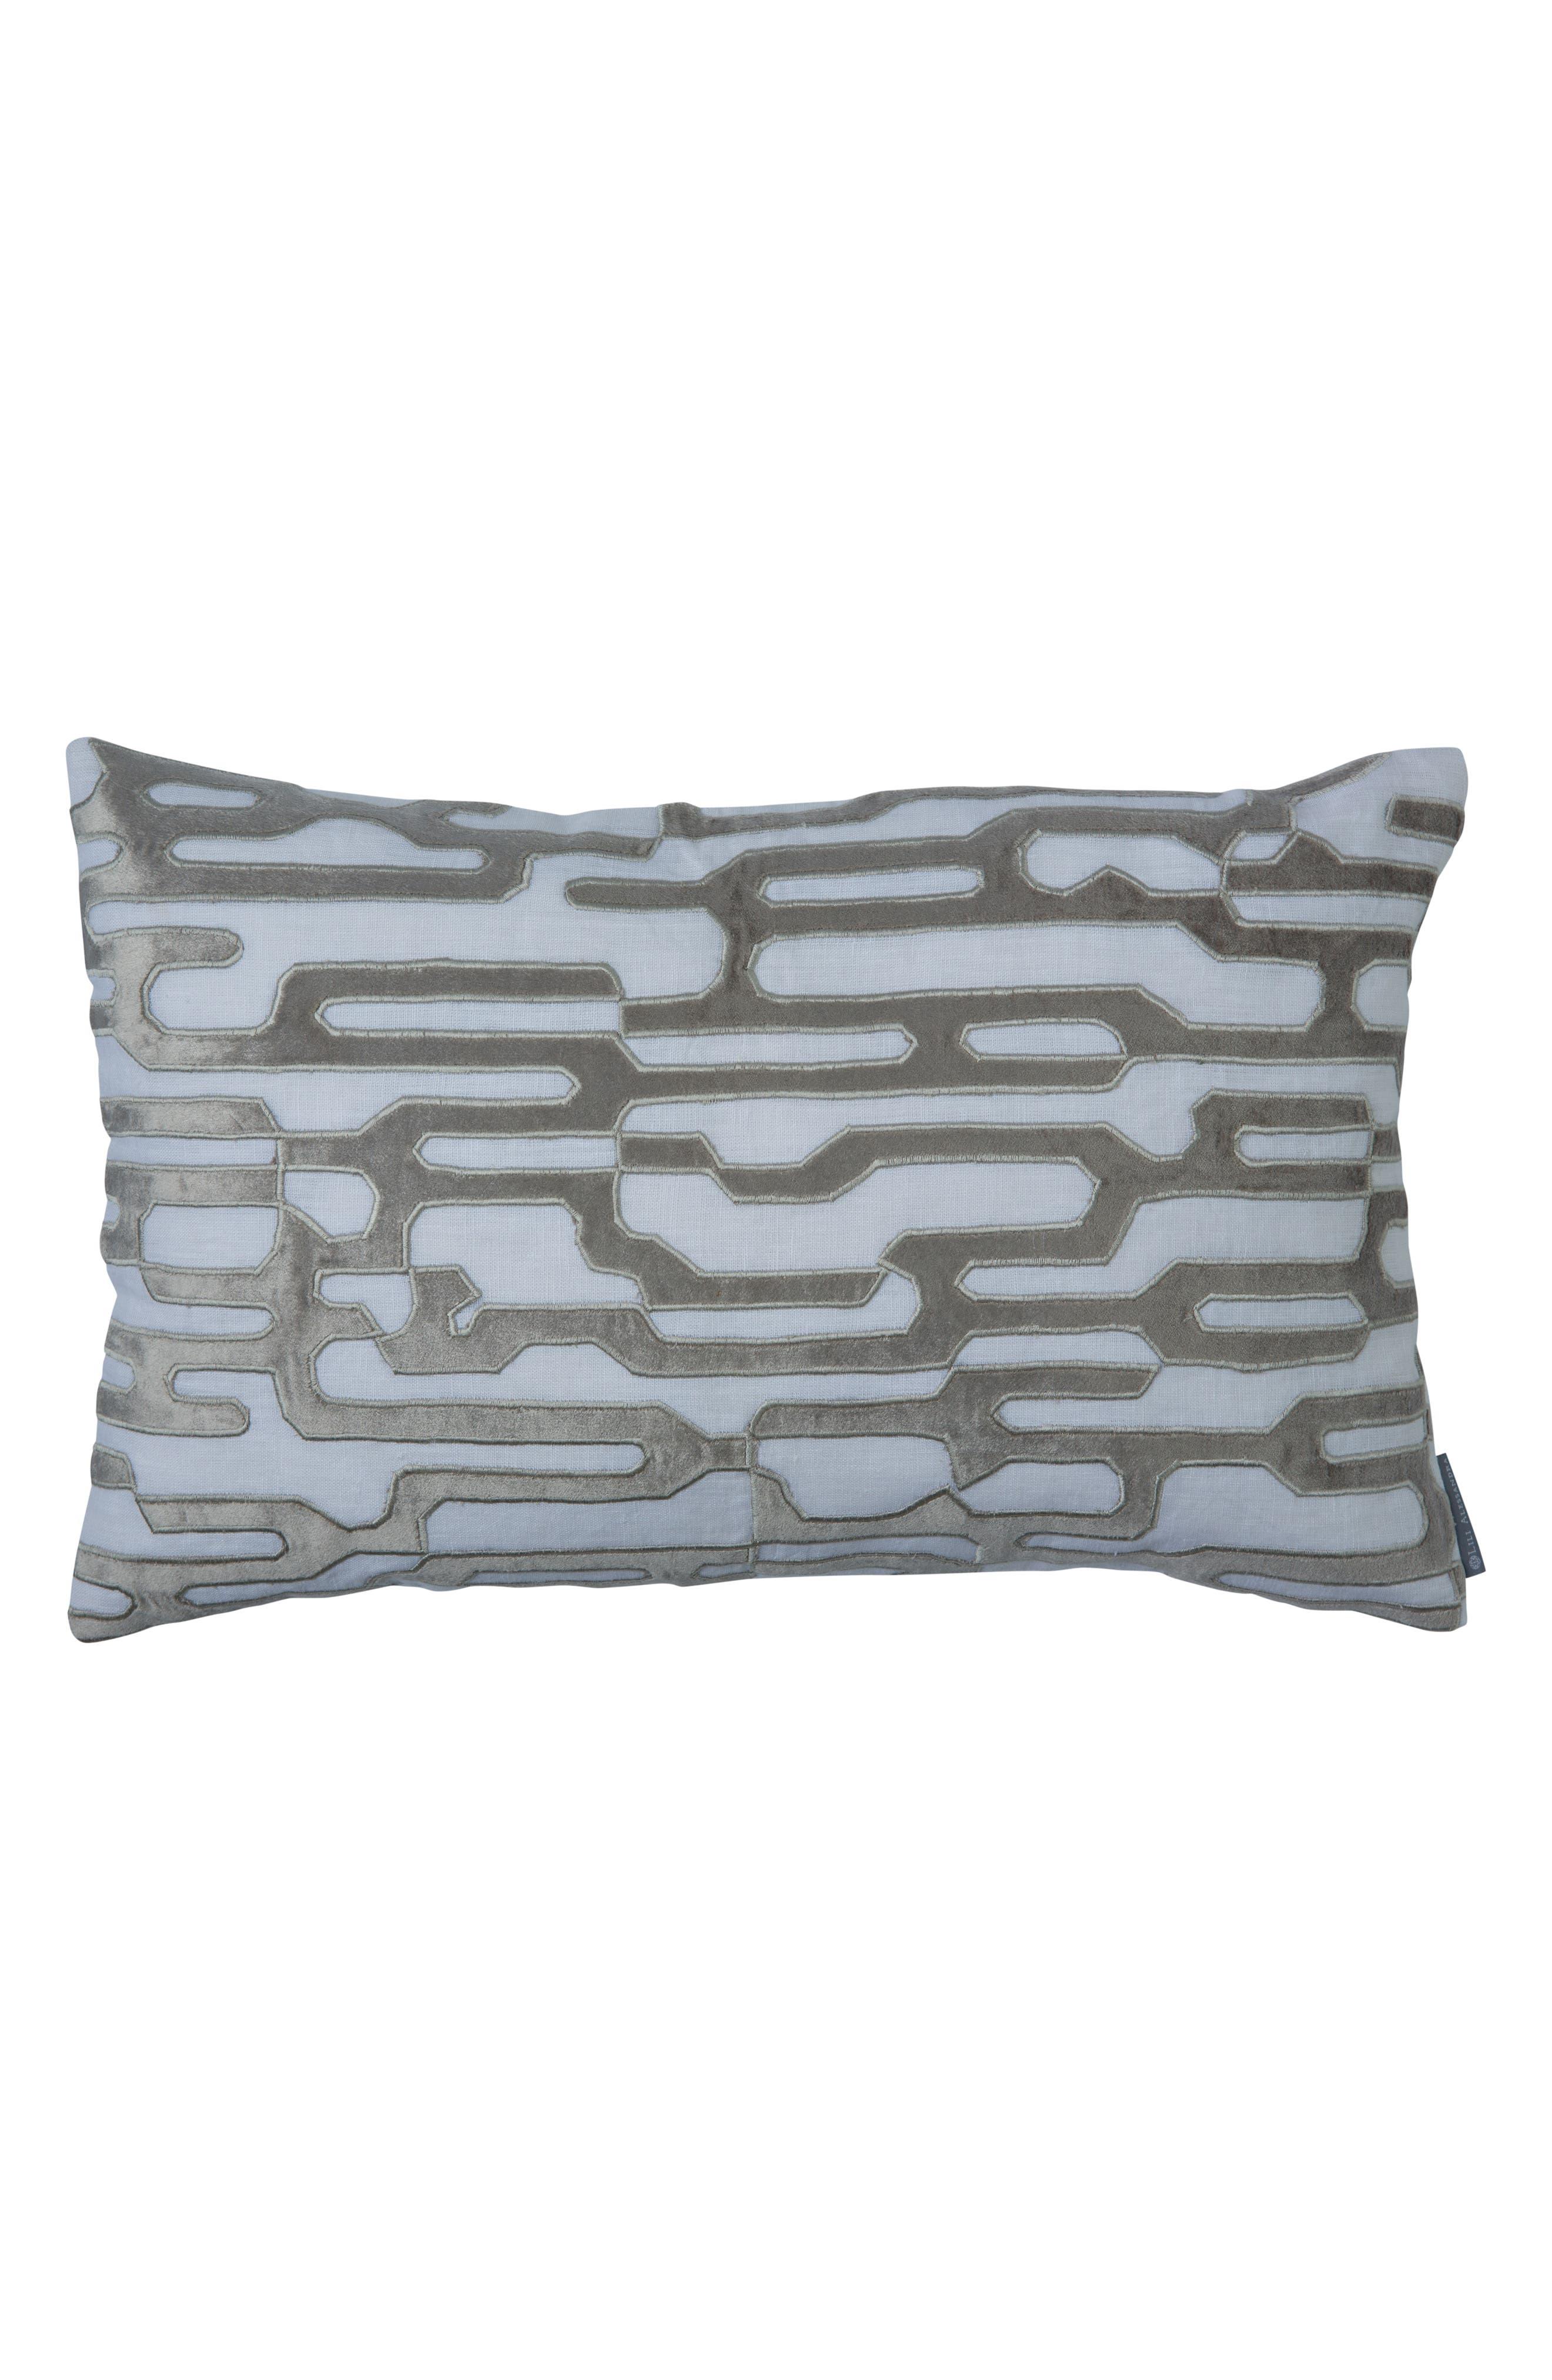 Christian Linen & Velvet Accent Pillow,                             Main thumbnail 1, color,                             GRAY